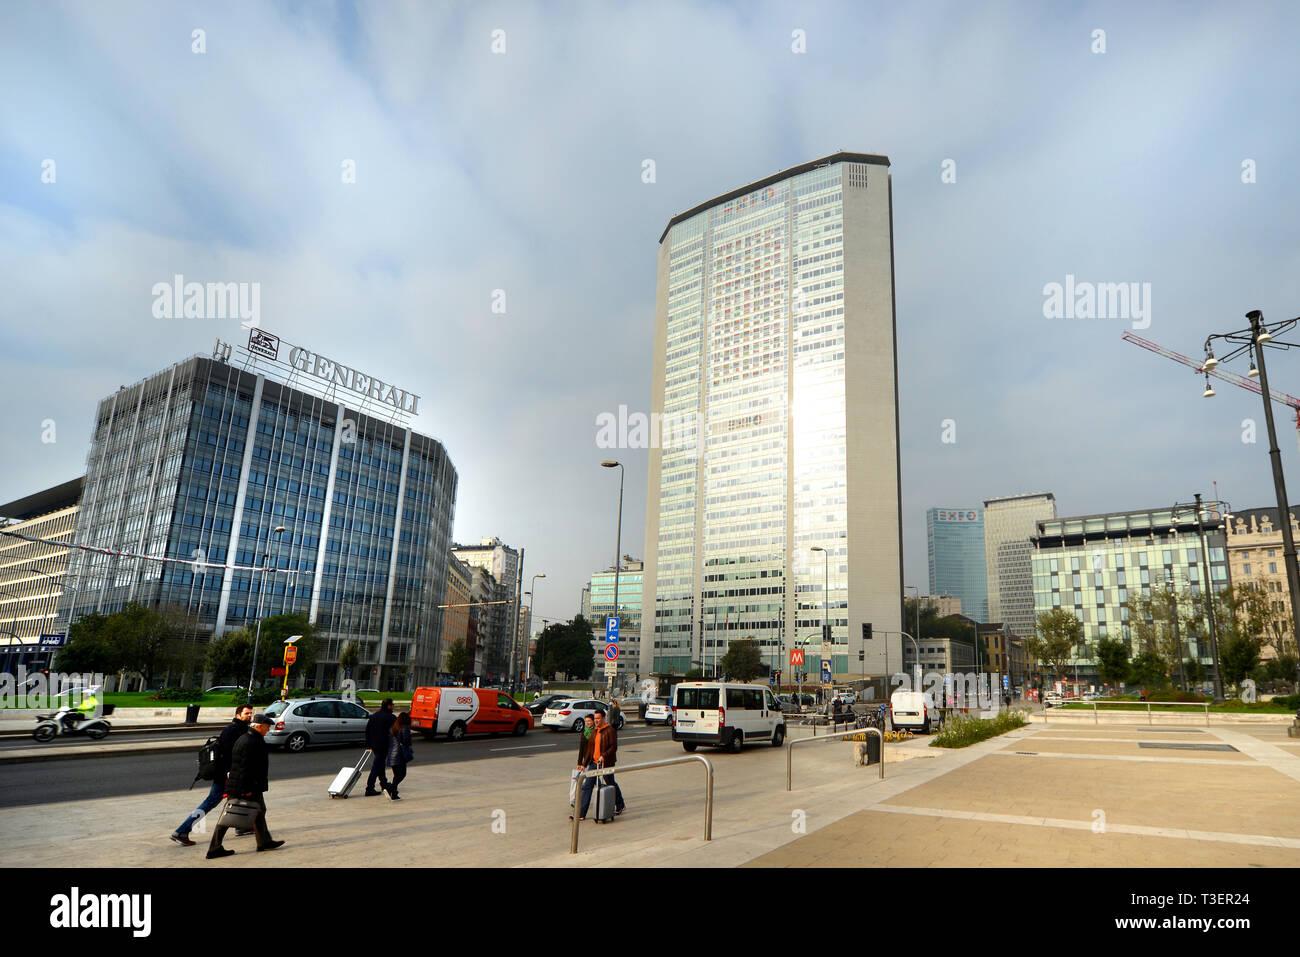 Italia, Lombardia, Milano, Pirelli skyscraper - Stock Image